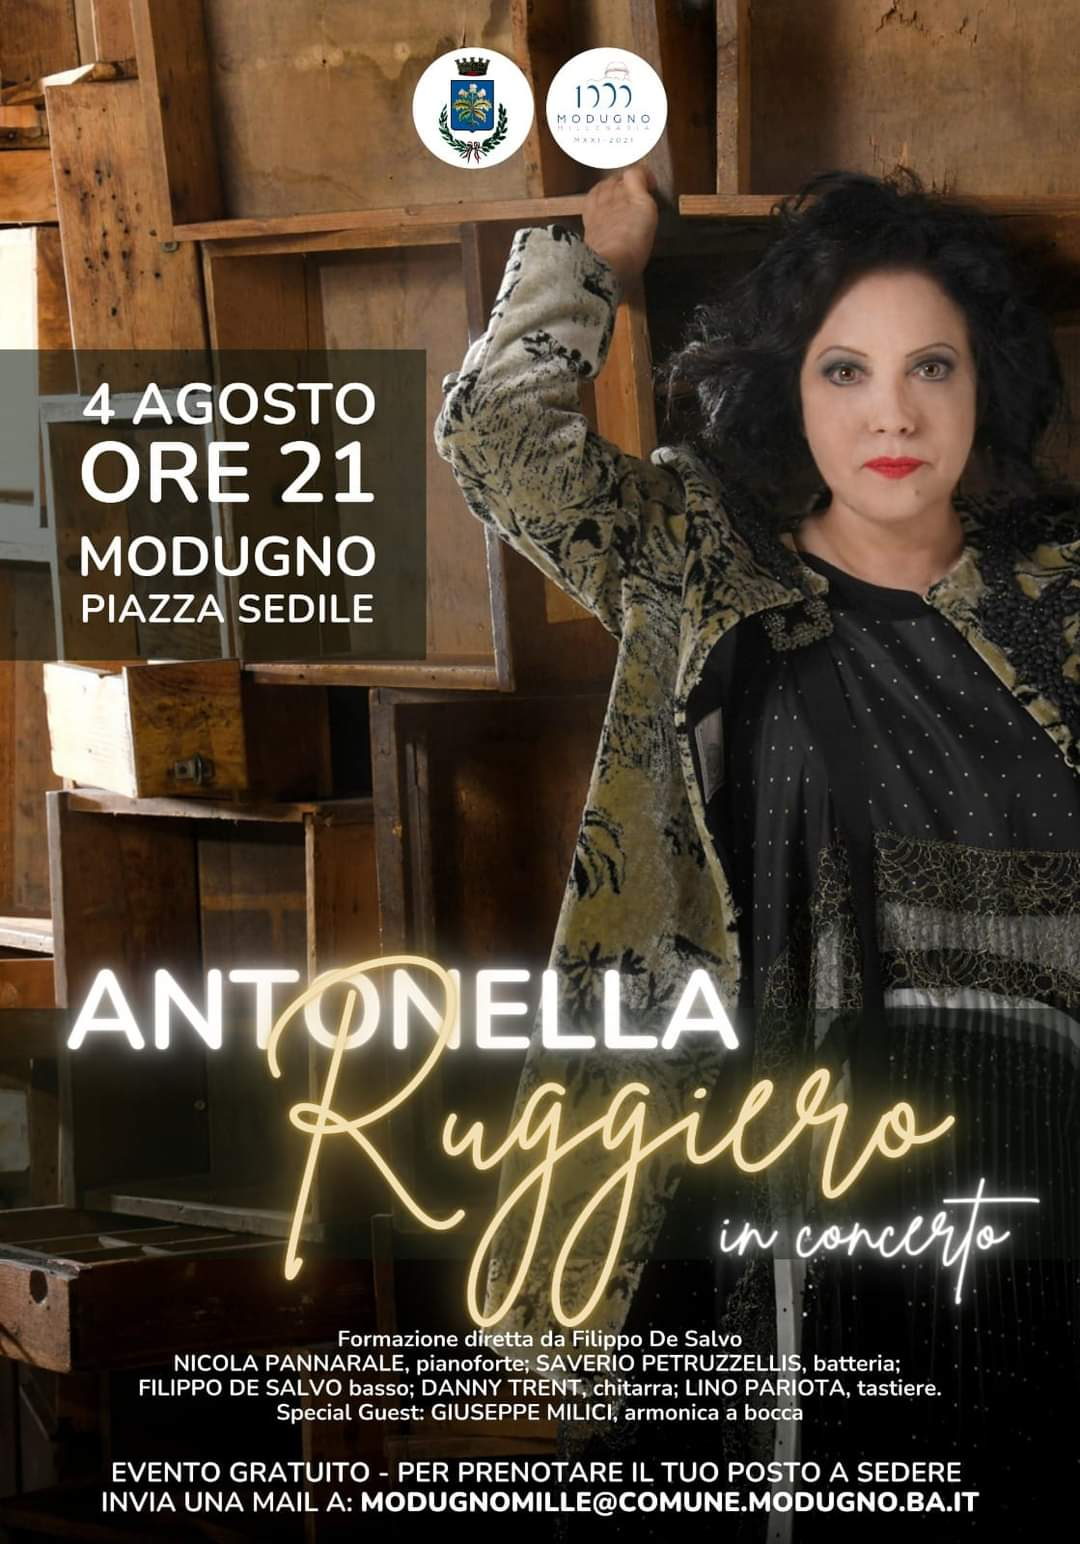 Modugno: mercoledì 4 agosto 2021 Antonella Ruggiero in Concerto